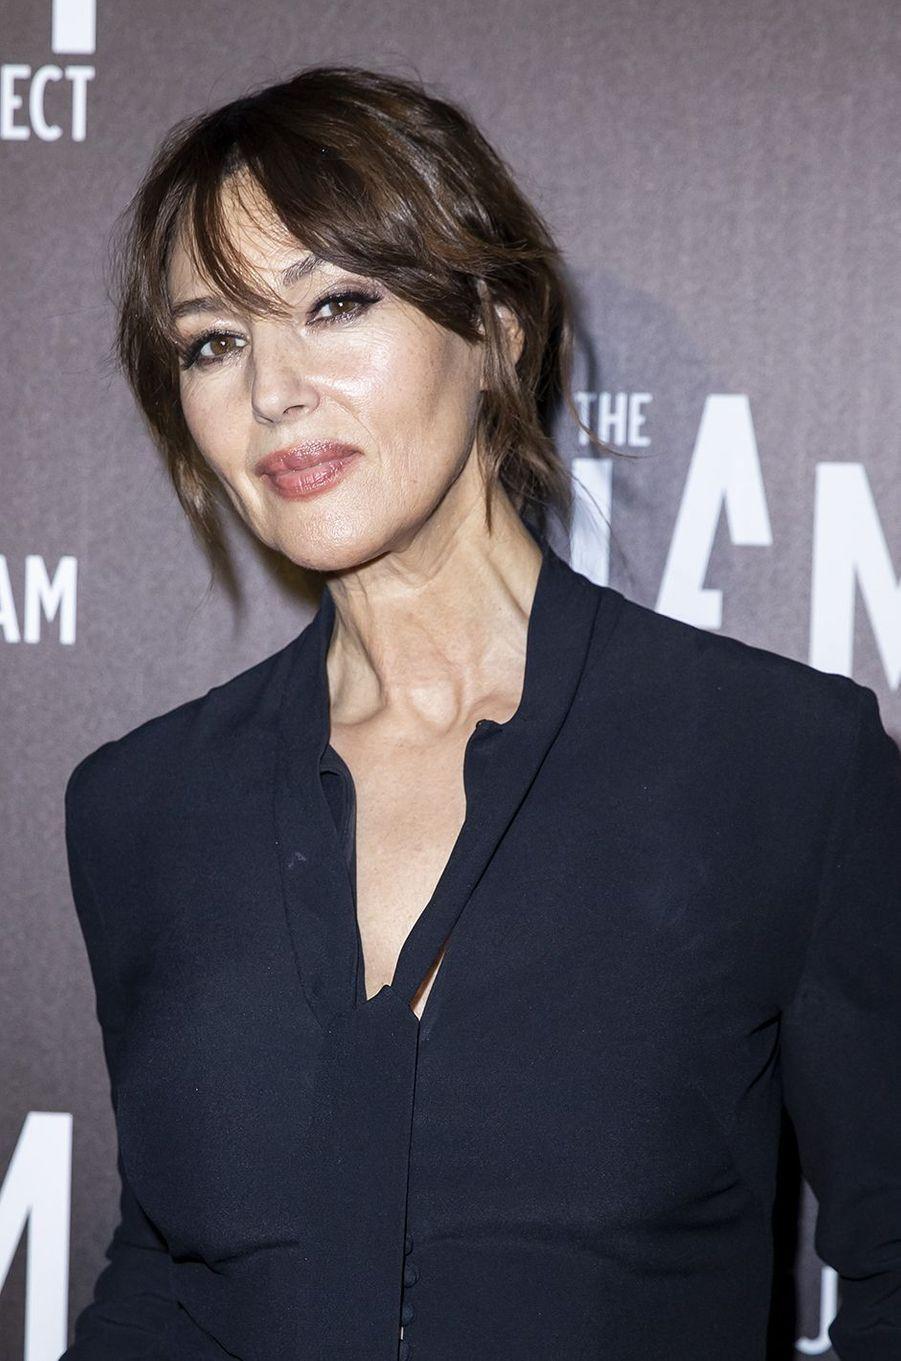 Monica Belluccià l'exposition Jam Capsule à la Villette à Paris le 22 juin 2020